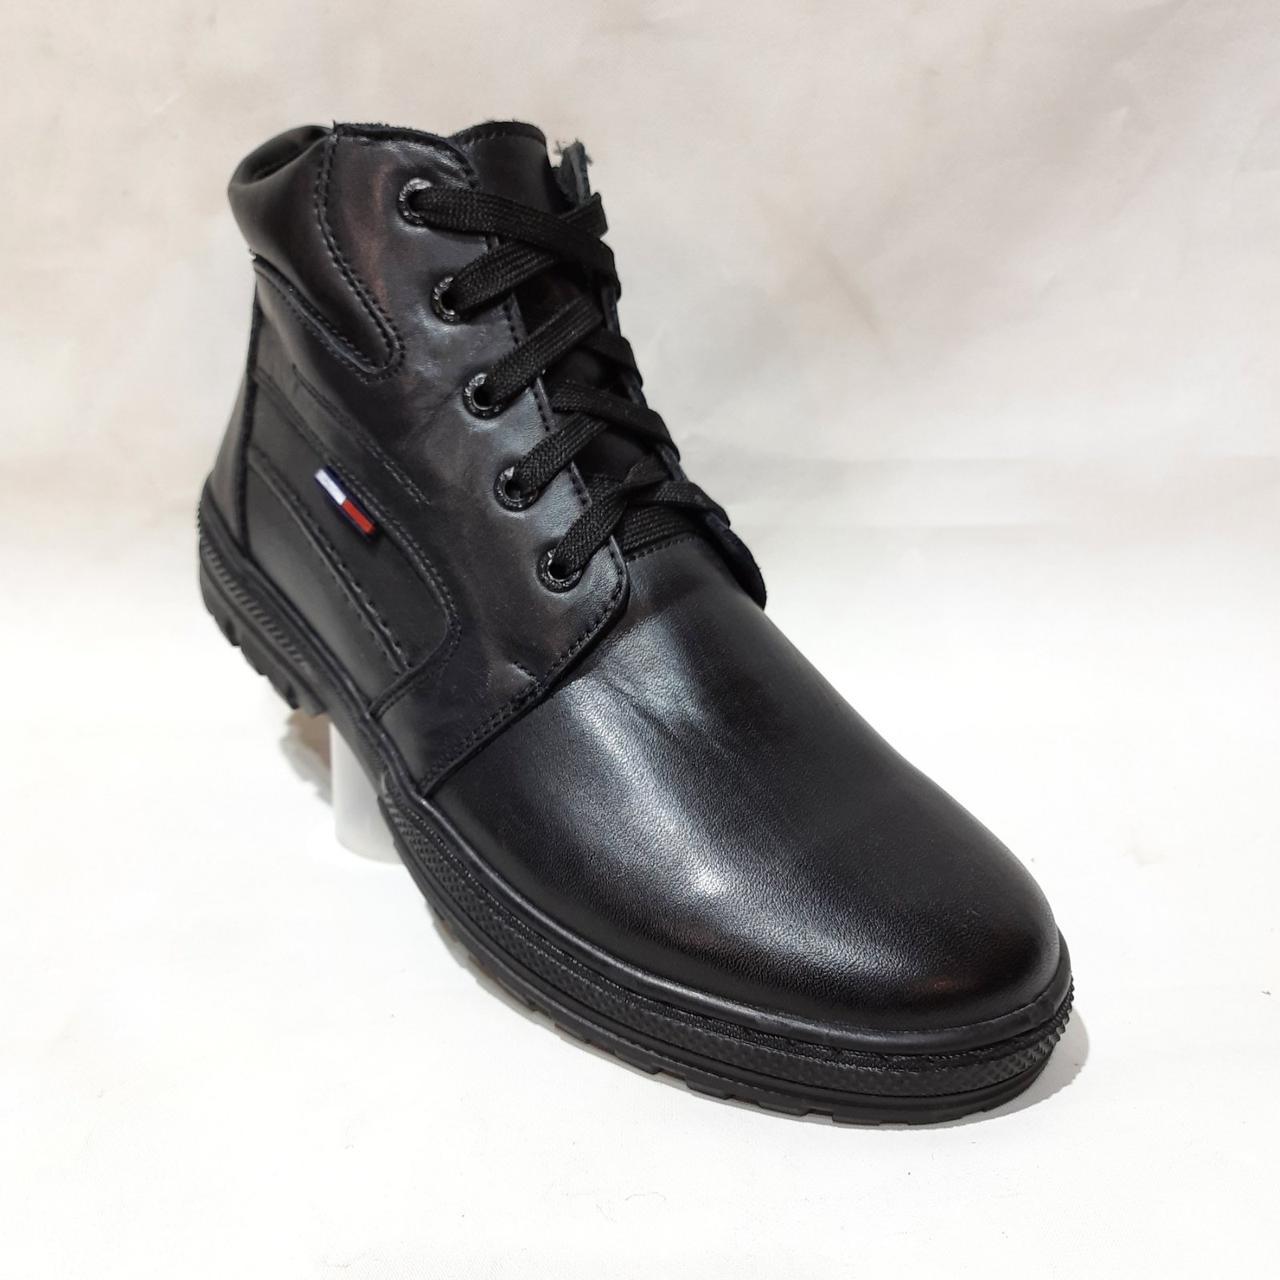 Мужские зимние ботинки из натуральной кожи теплые кроссовки на меху Черные